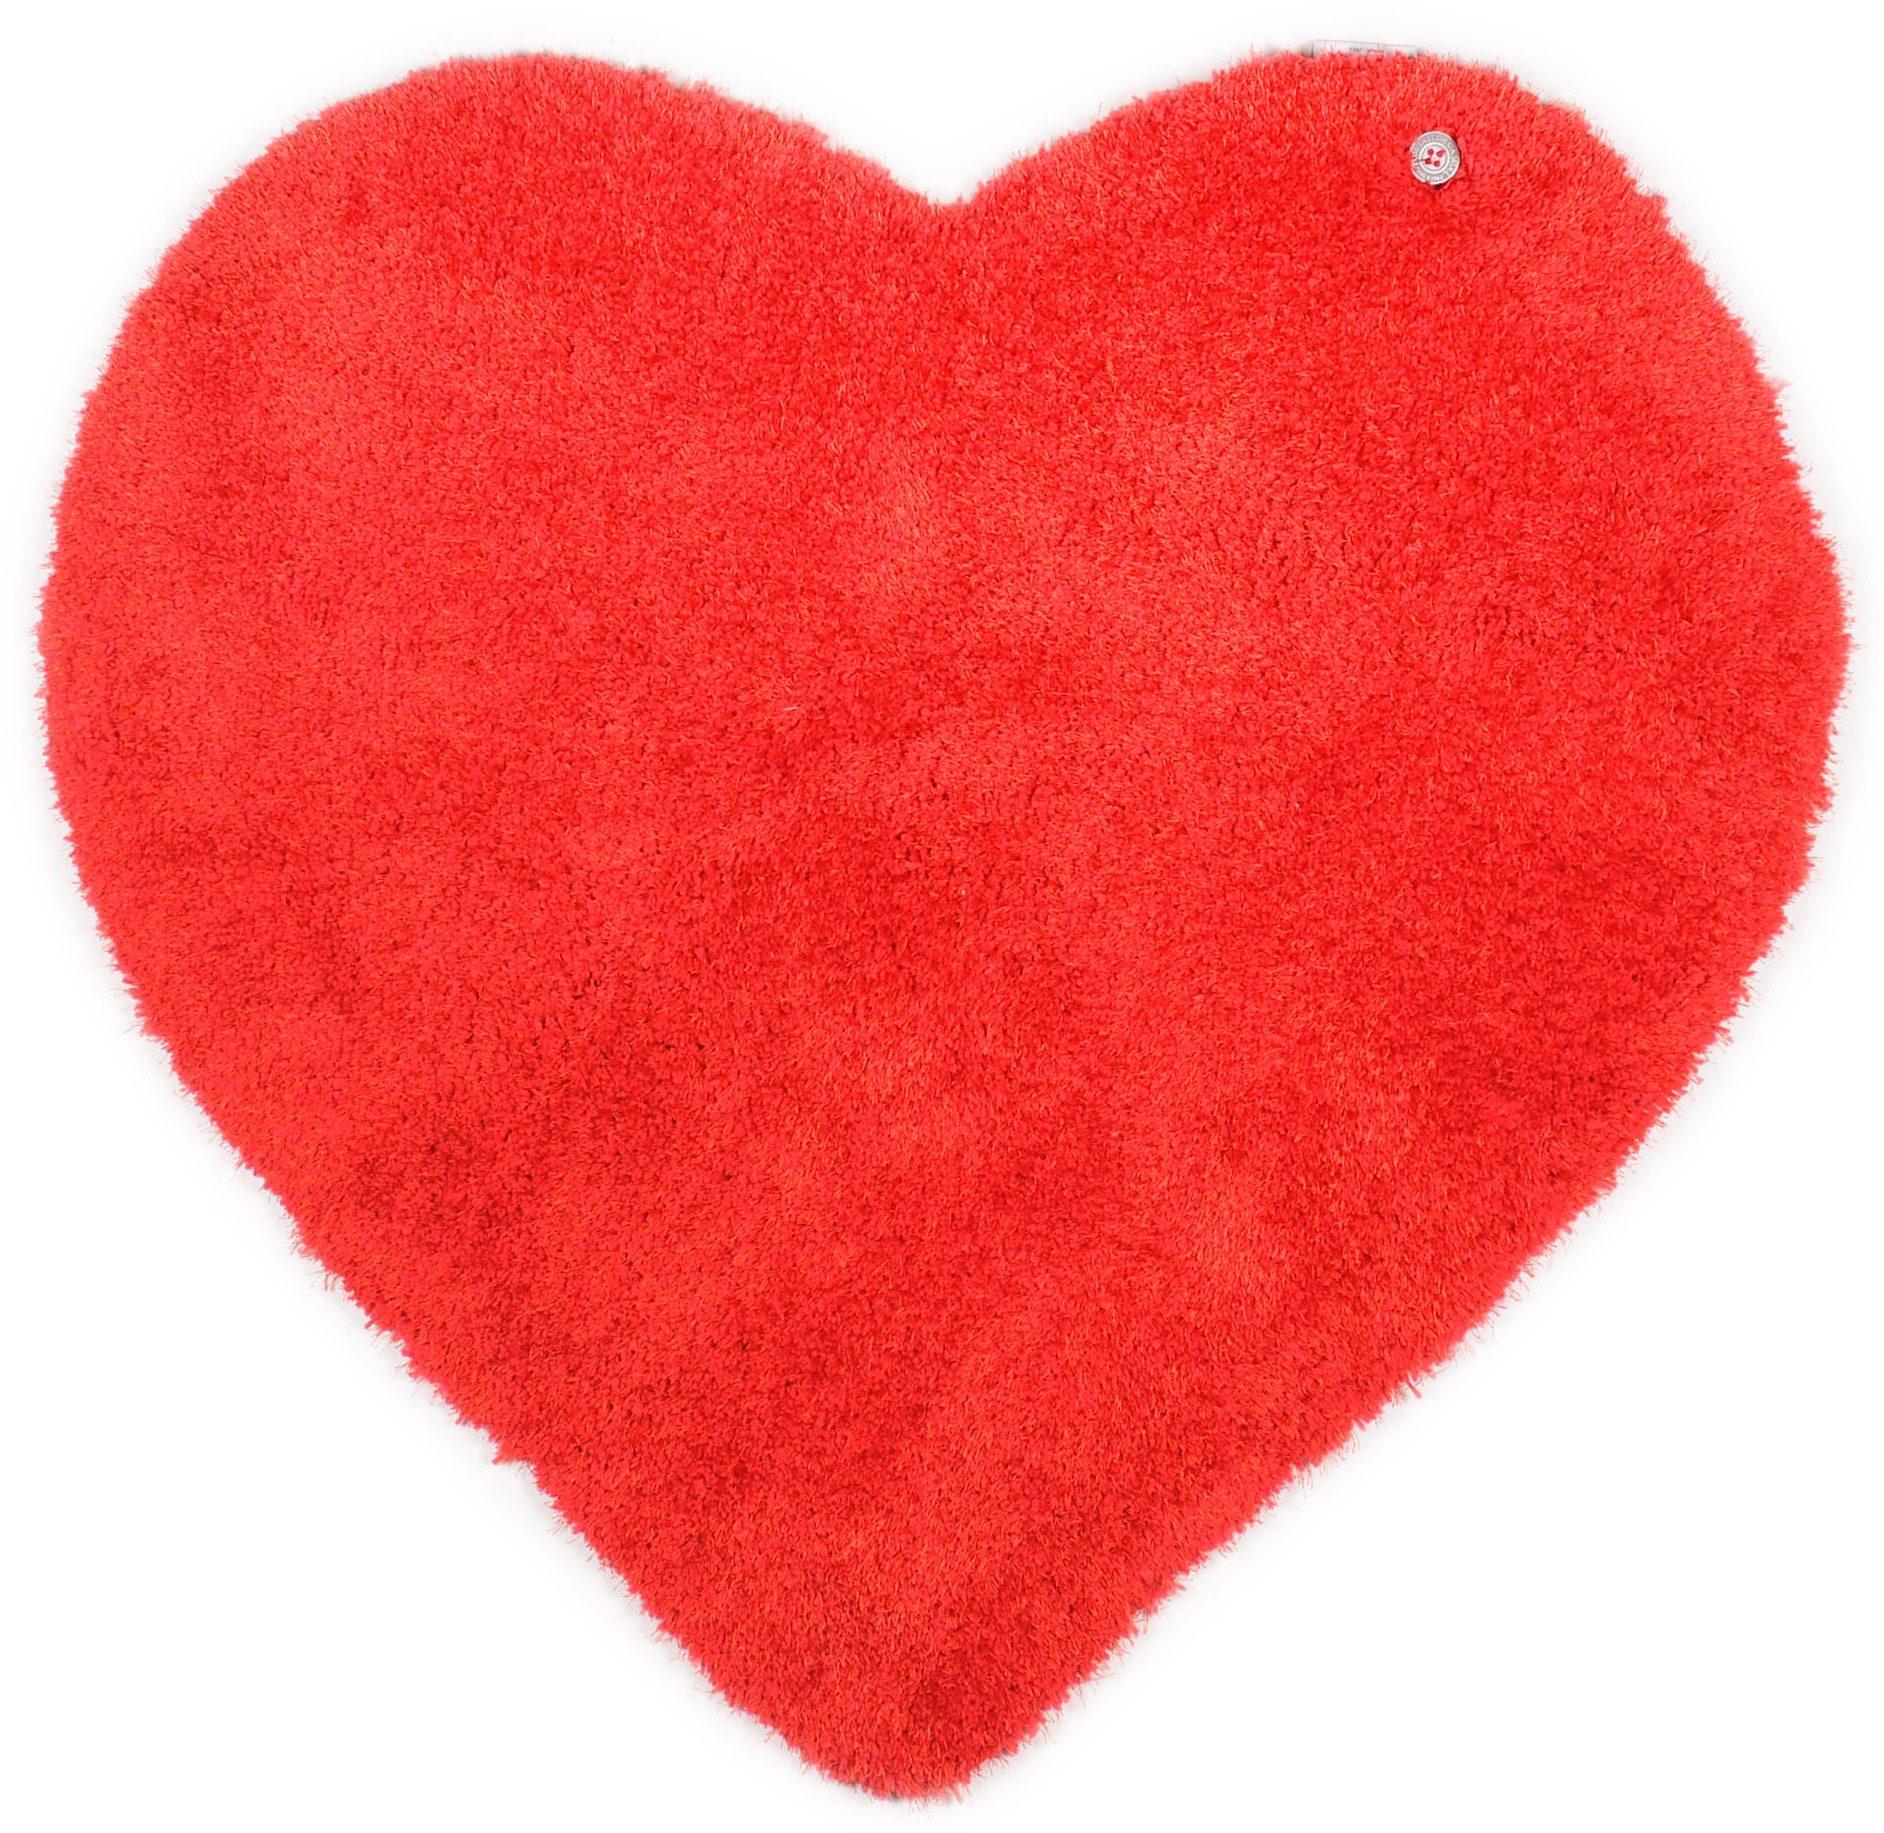 Kinderteppich Soft Herz TOM TAILOR herzförmig Höhe 35 mm handgetuftet